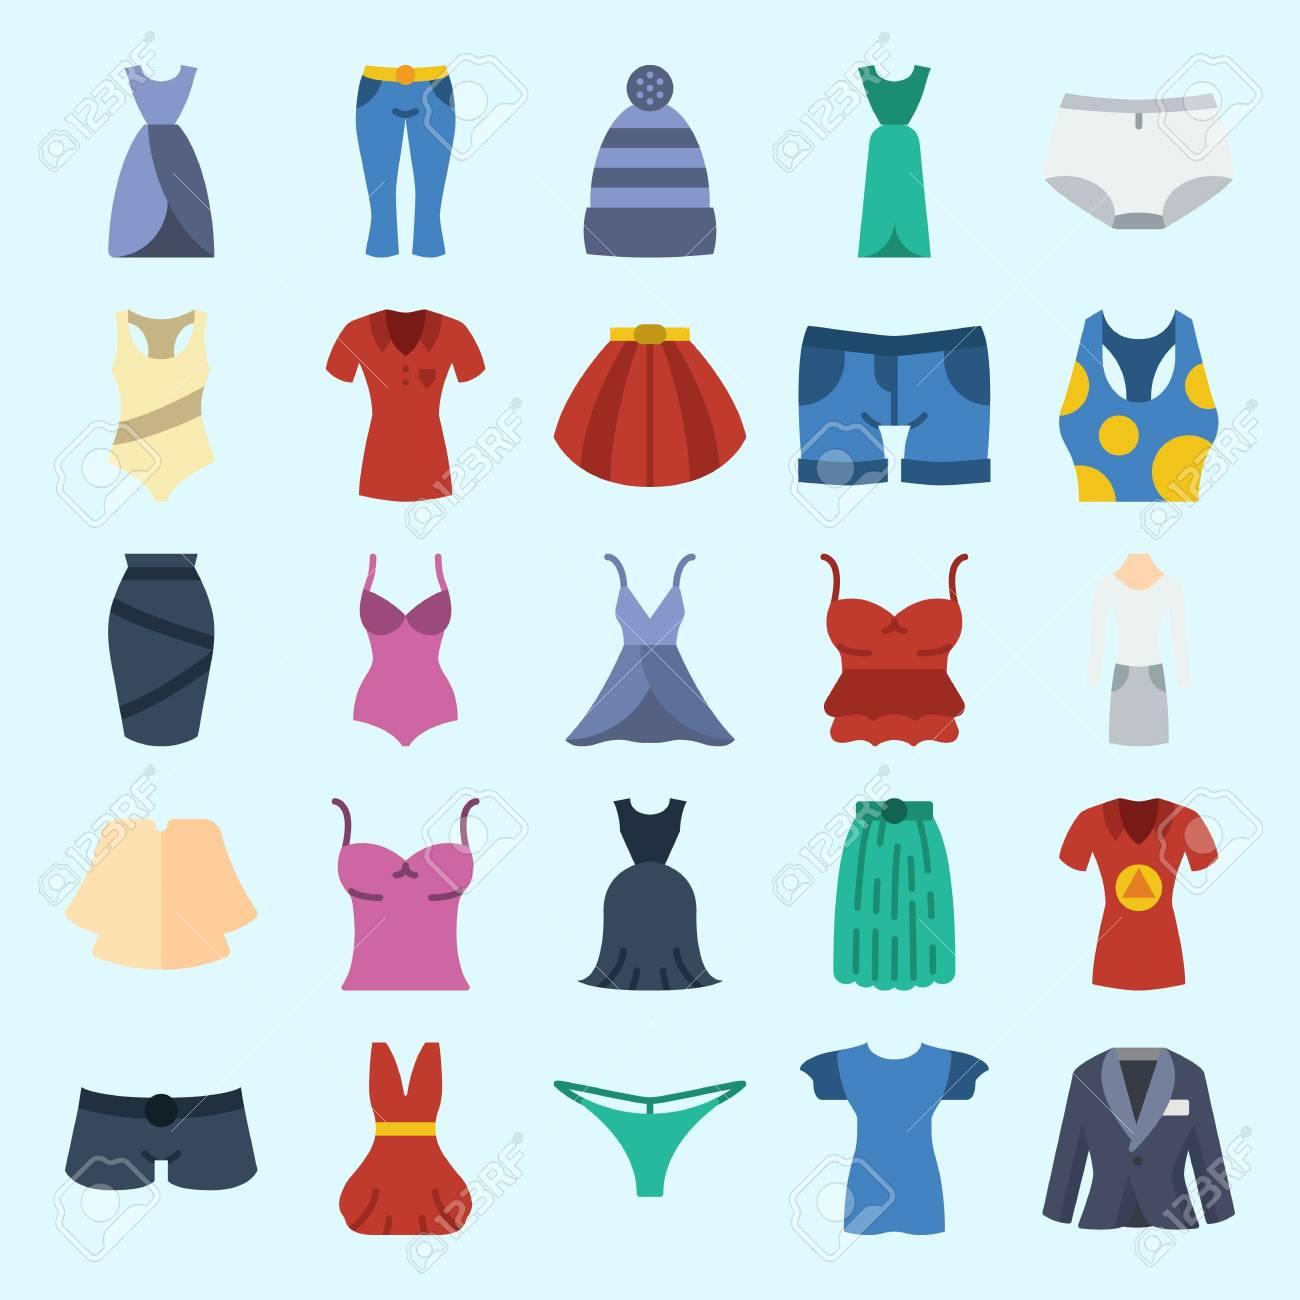 ikone stellte über frauenkleidung mit anzug, wintermütze, kleid, kurzen  hosen, schlüpfer und ärmellos ein.